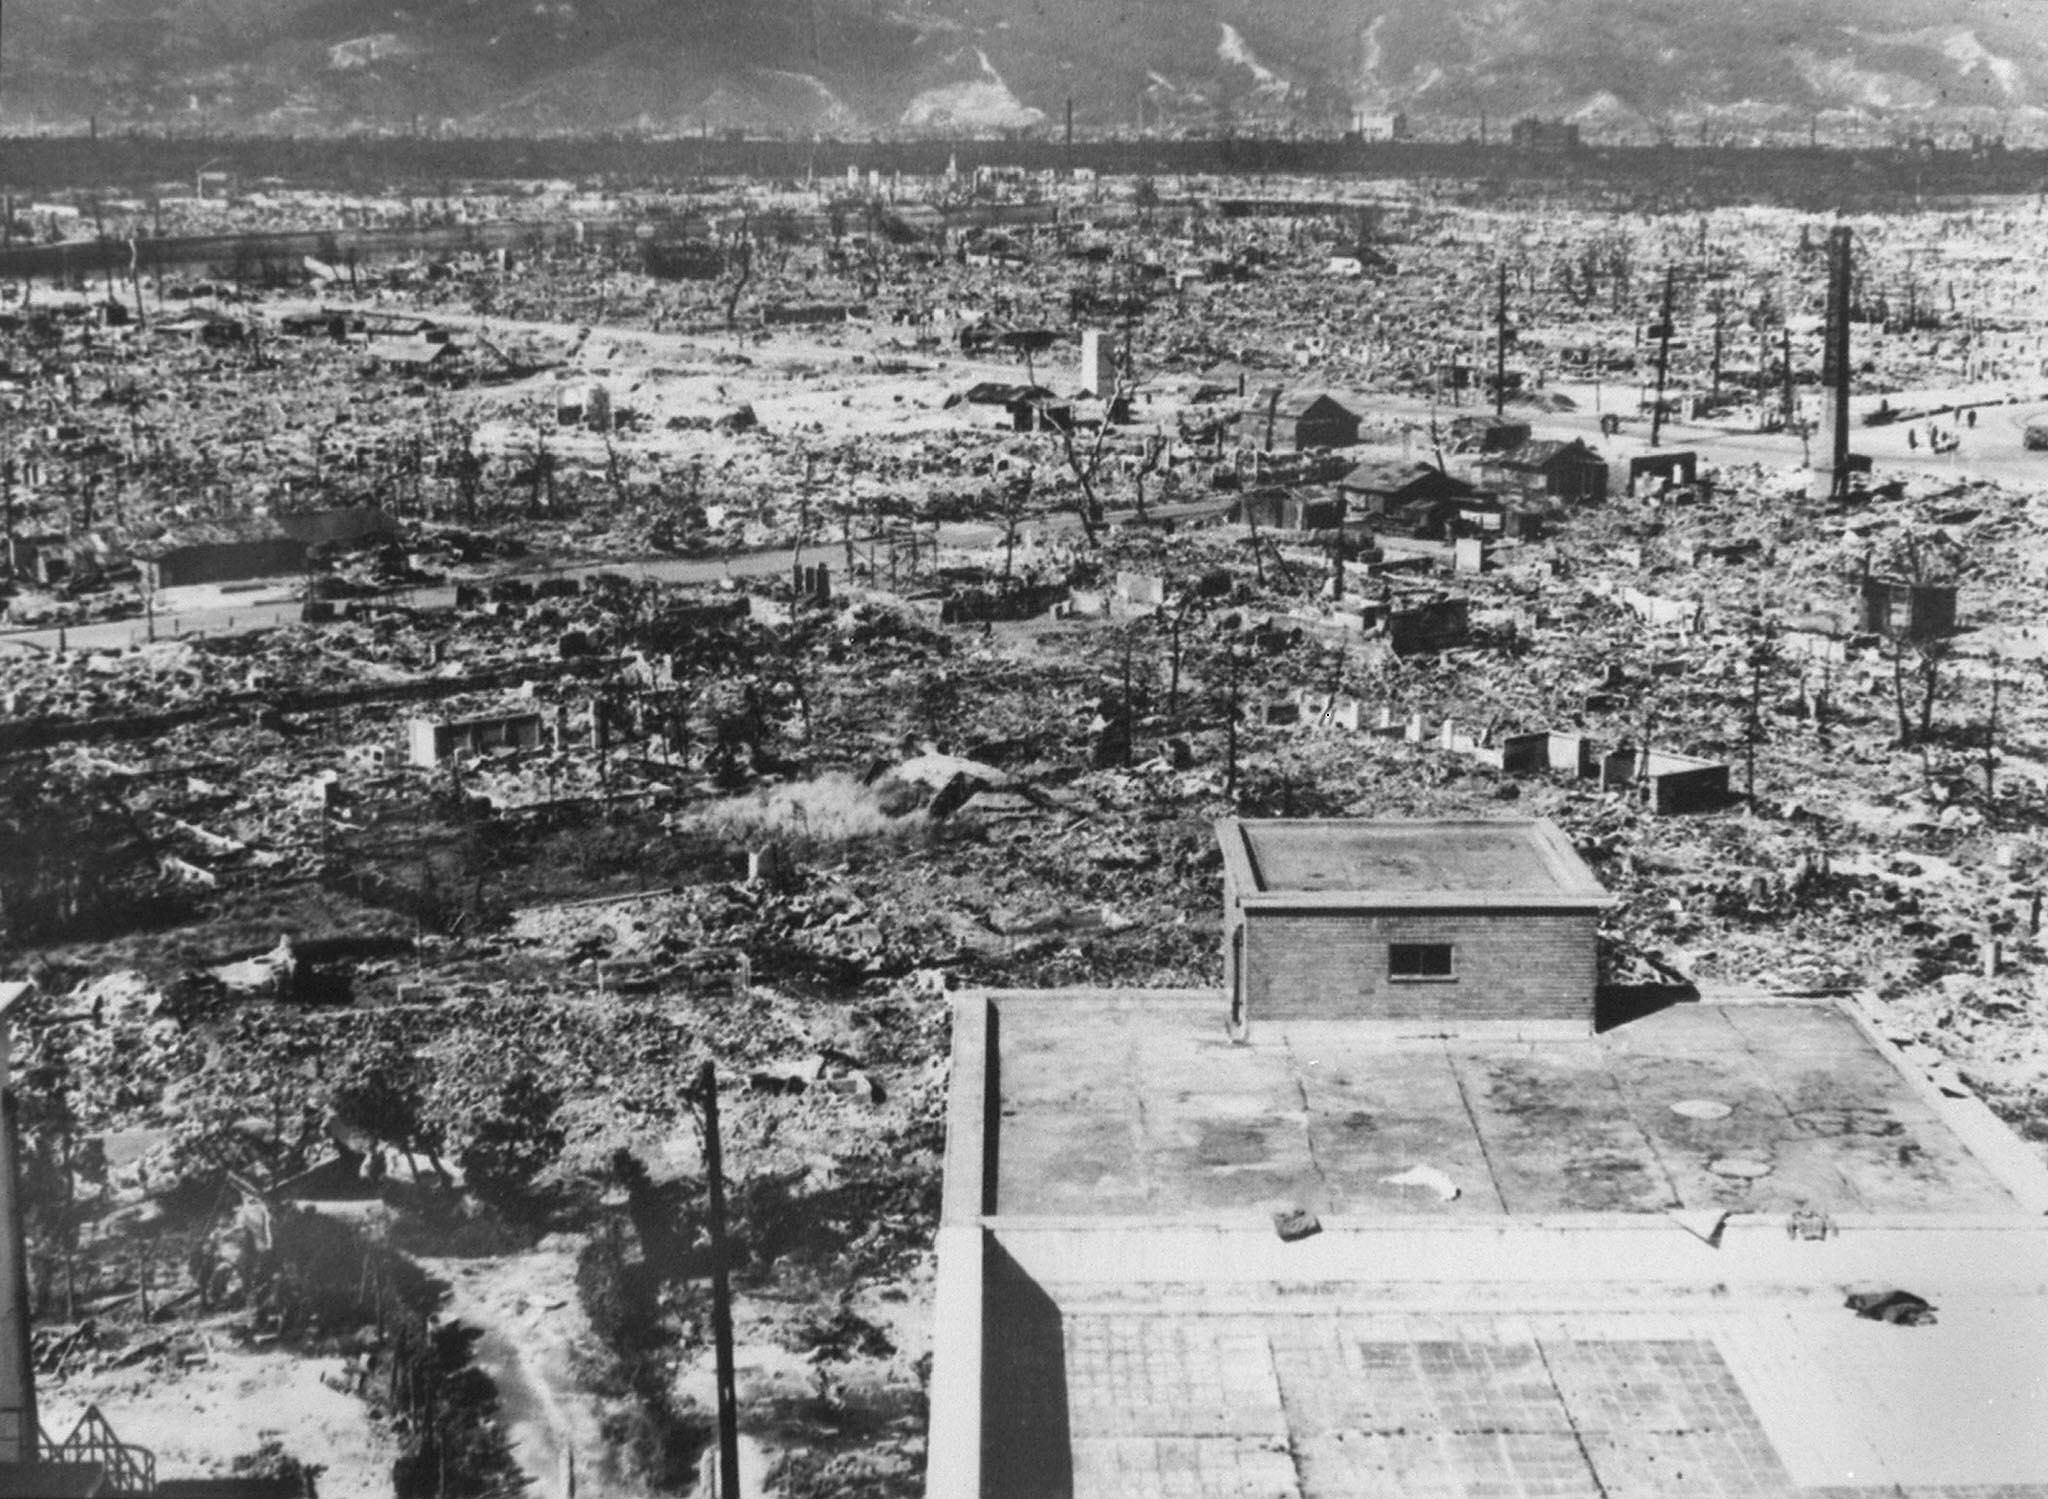 Hiroshima le 6 aout 1945 après l'explosion de la bombe nucléaire américaine